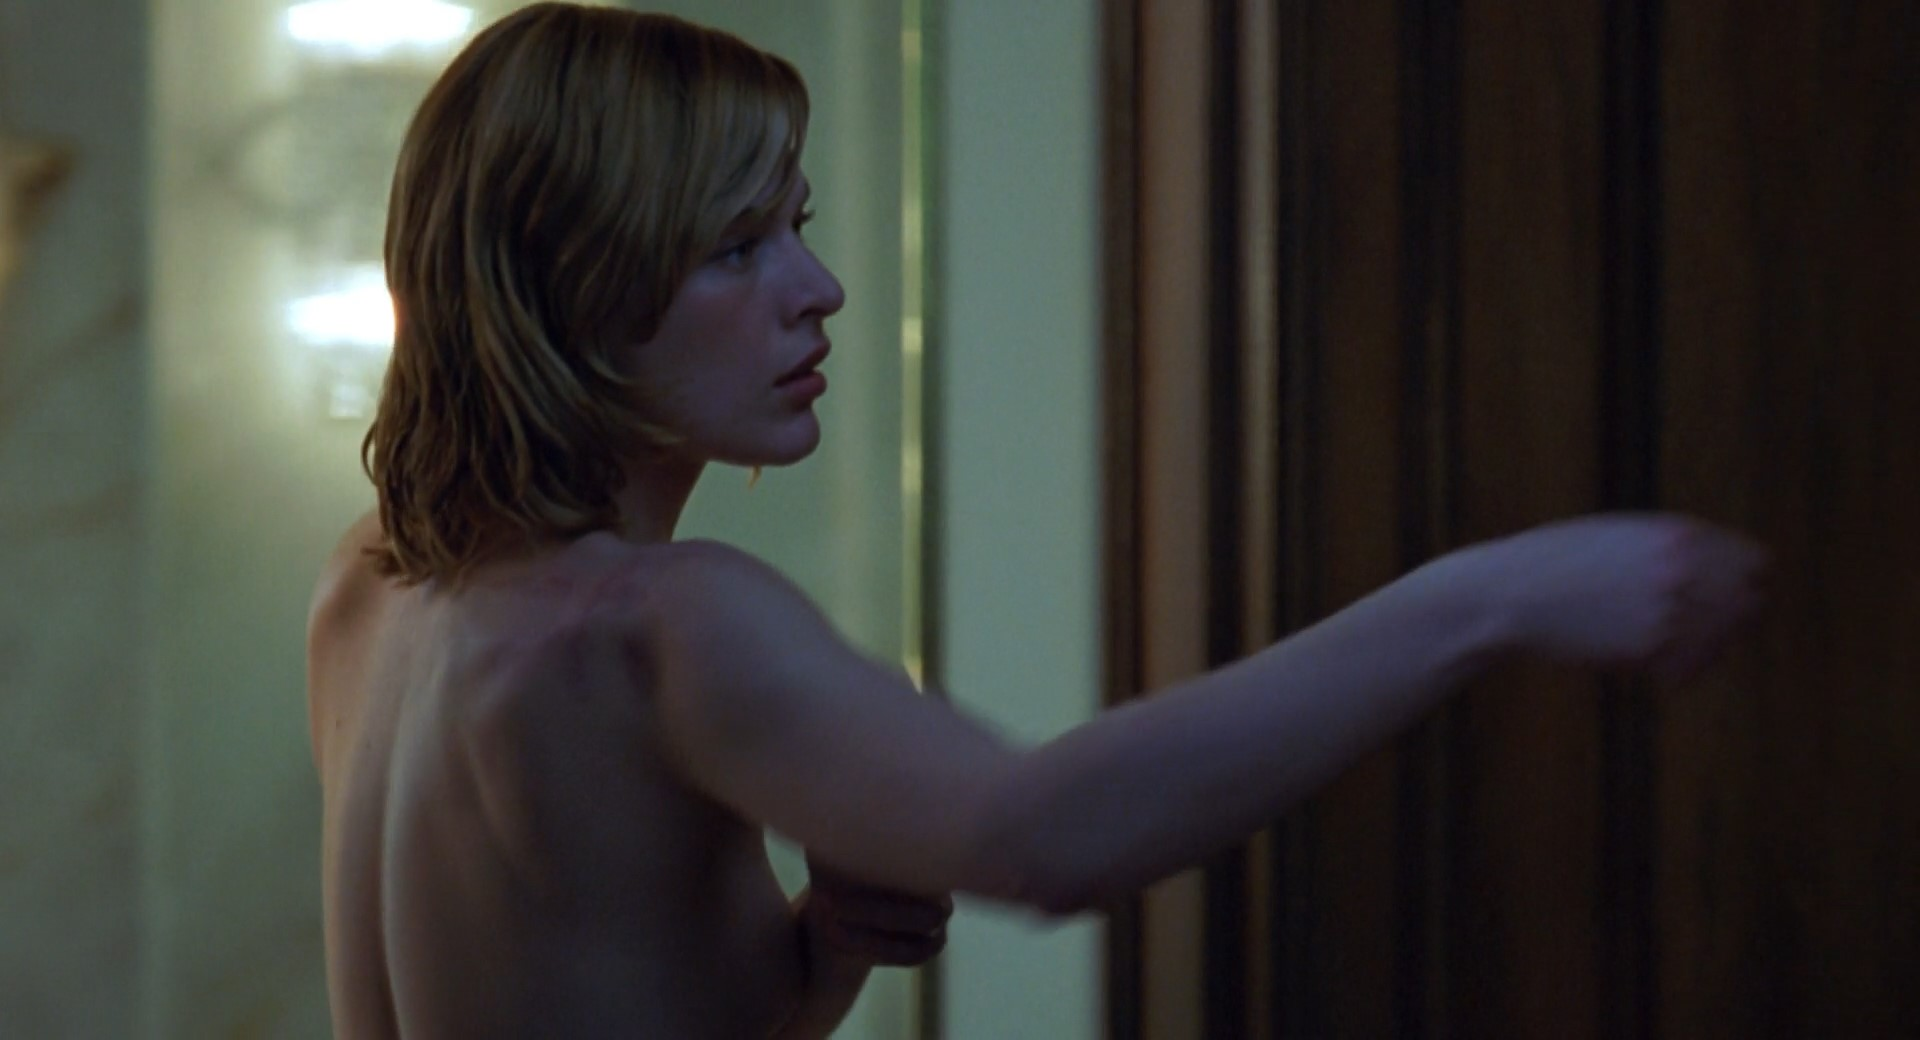 Christina applegate kelly bundy nude